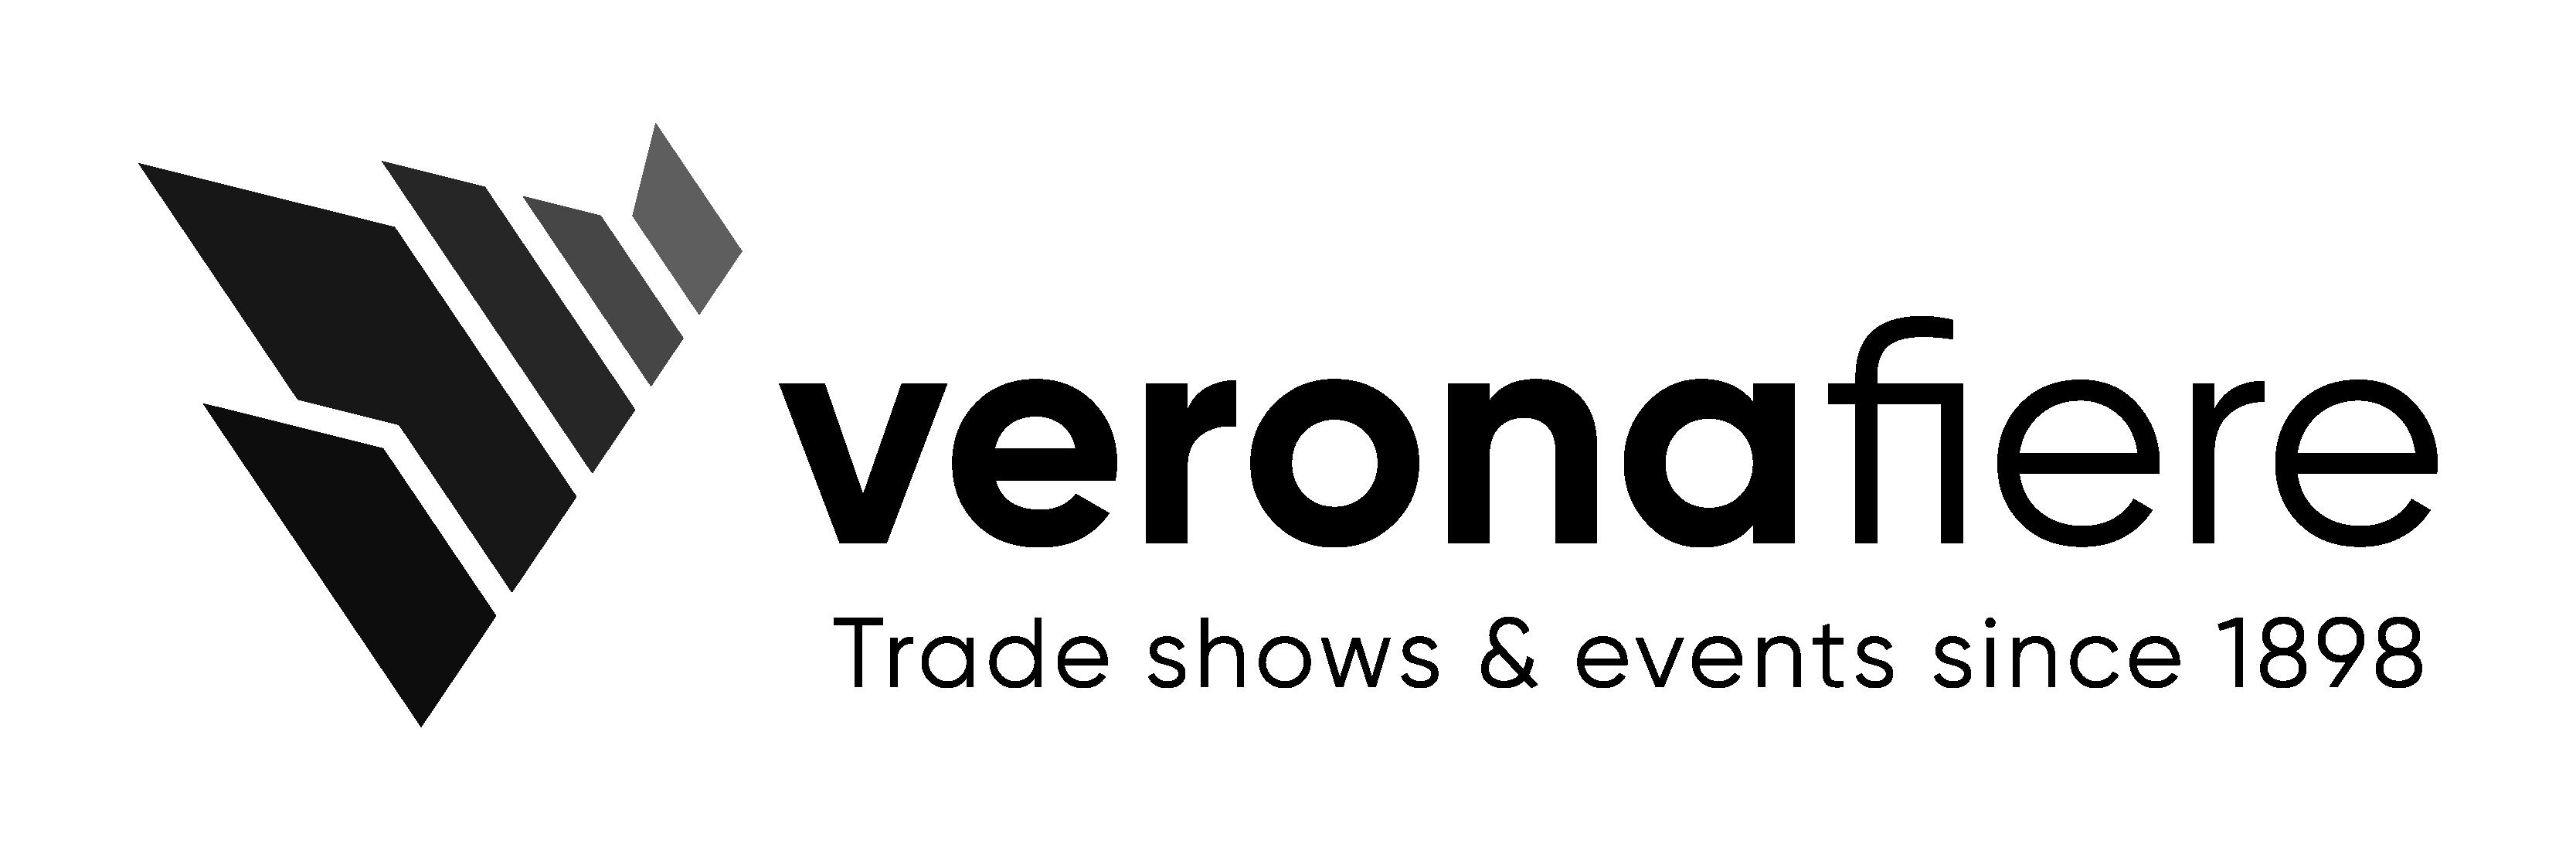 Logo_Veronafiere_black